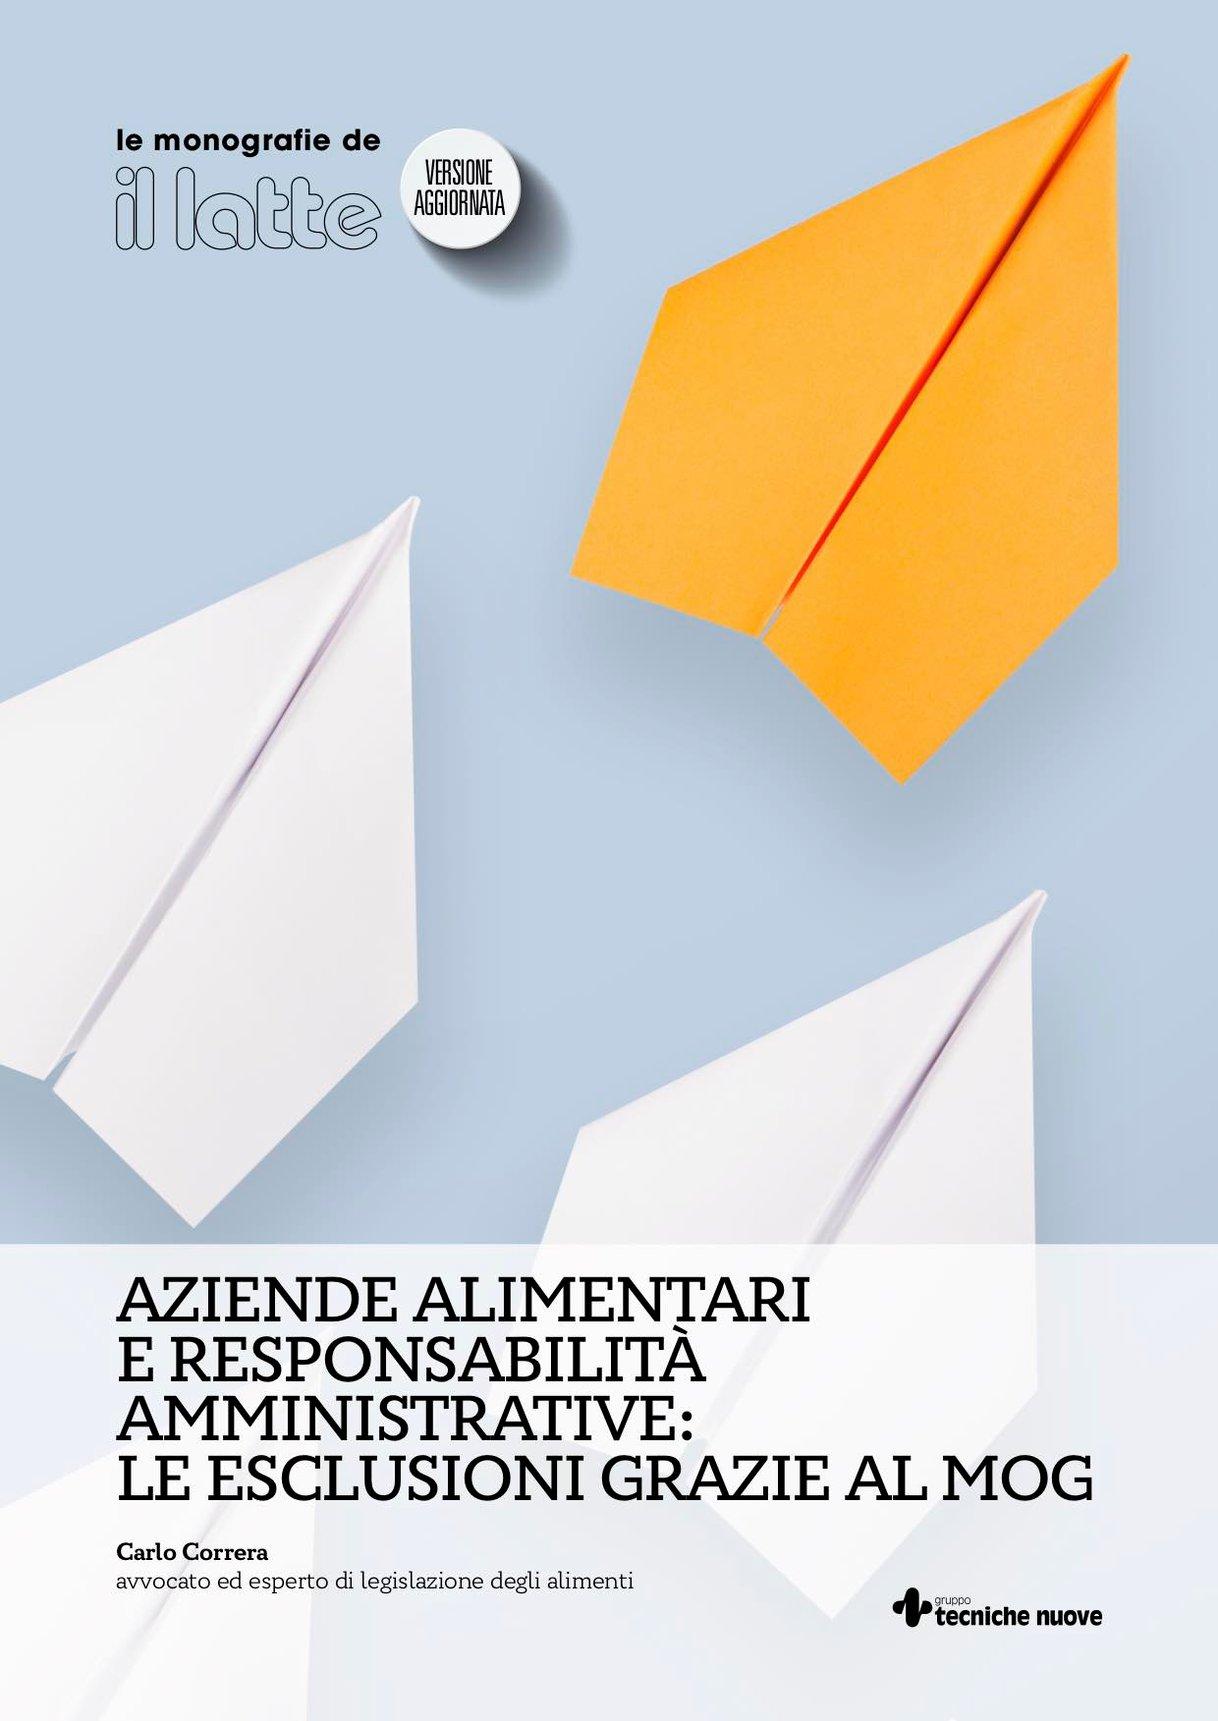 wp_aziende_alimentari 2_cover